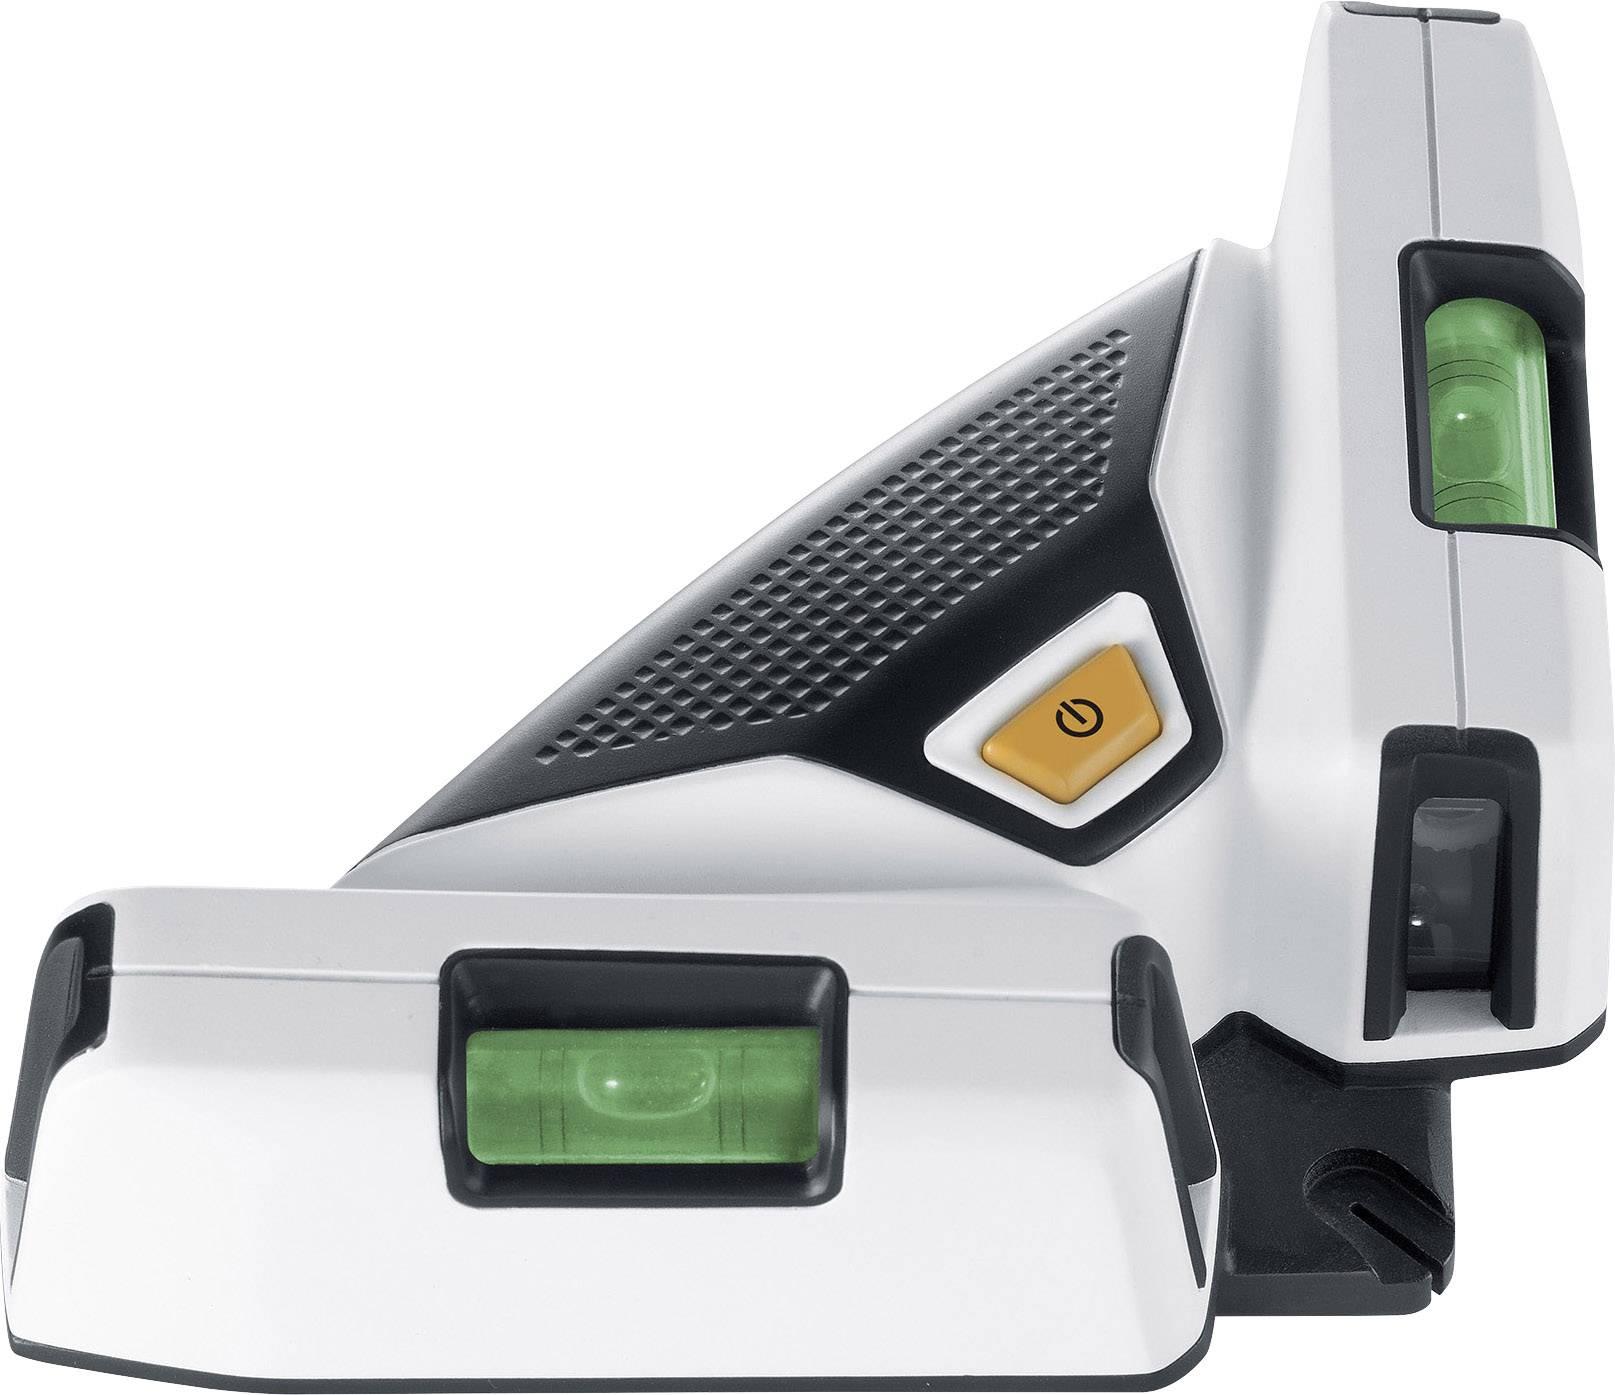 Křížová laserová vodováha Laserliner SuperSquare-Laser 4 081.134A, dosah (max.): 15 m, Kalibrováno dle: vlastní